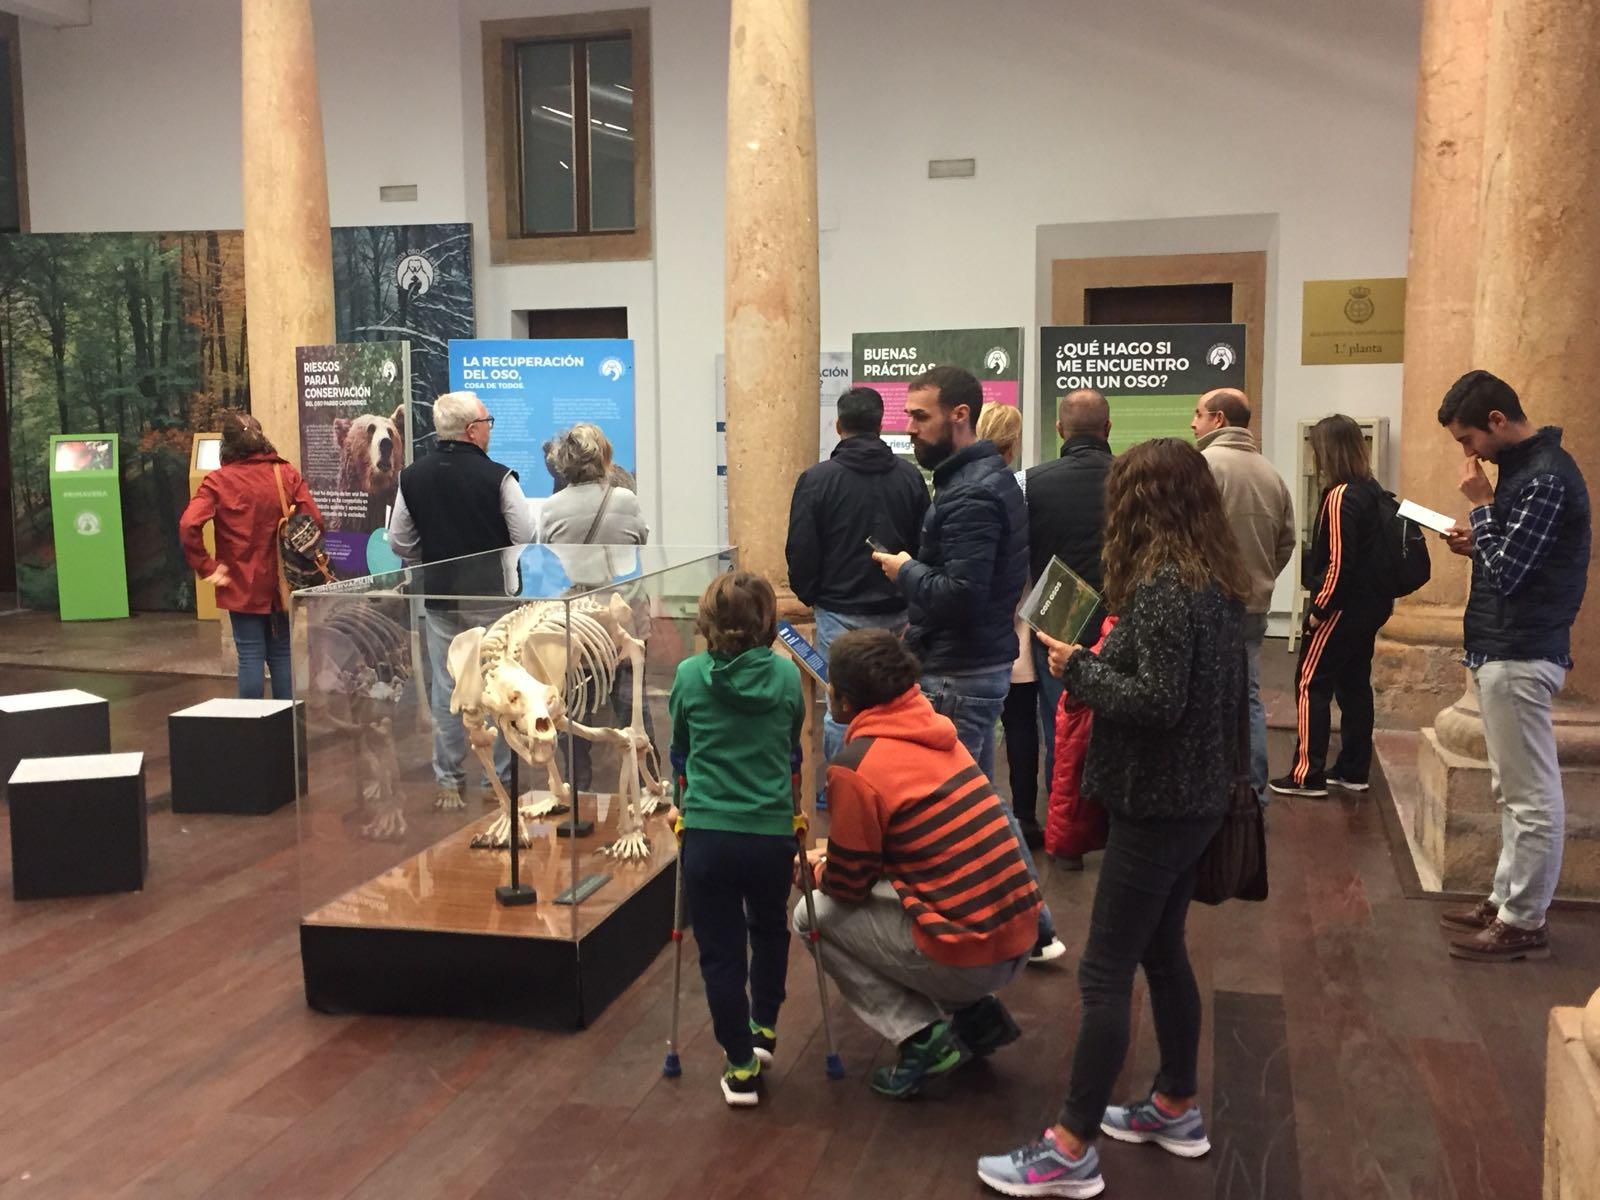 Más de 1.700 personas visitan la exposición 'Osos', en menos de una semana, en el Palacio del RIDEA